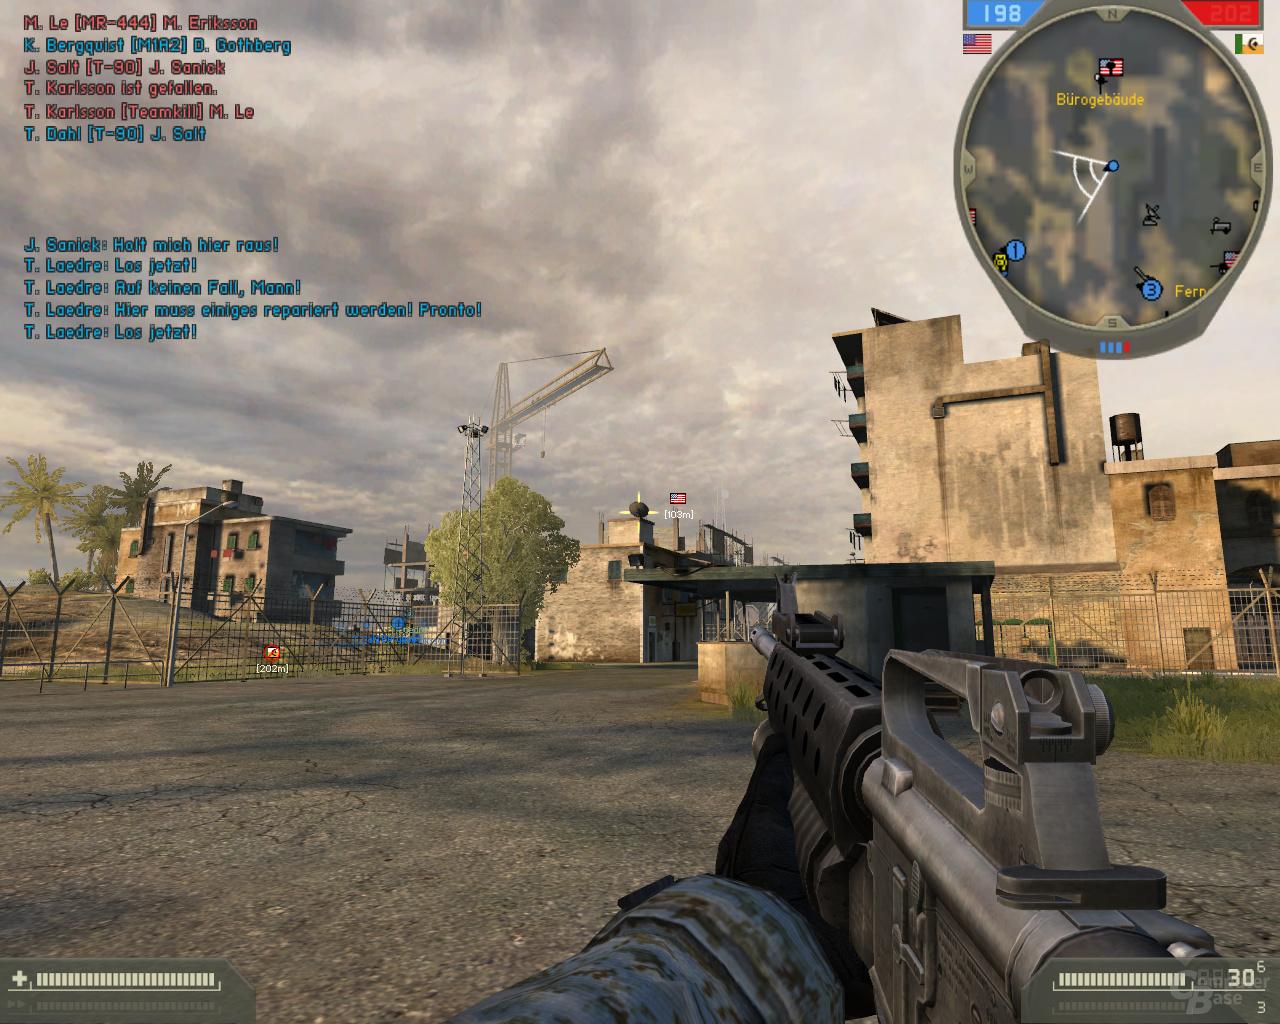 Battlefield 2 - G80